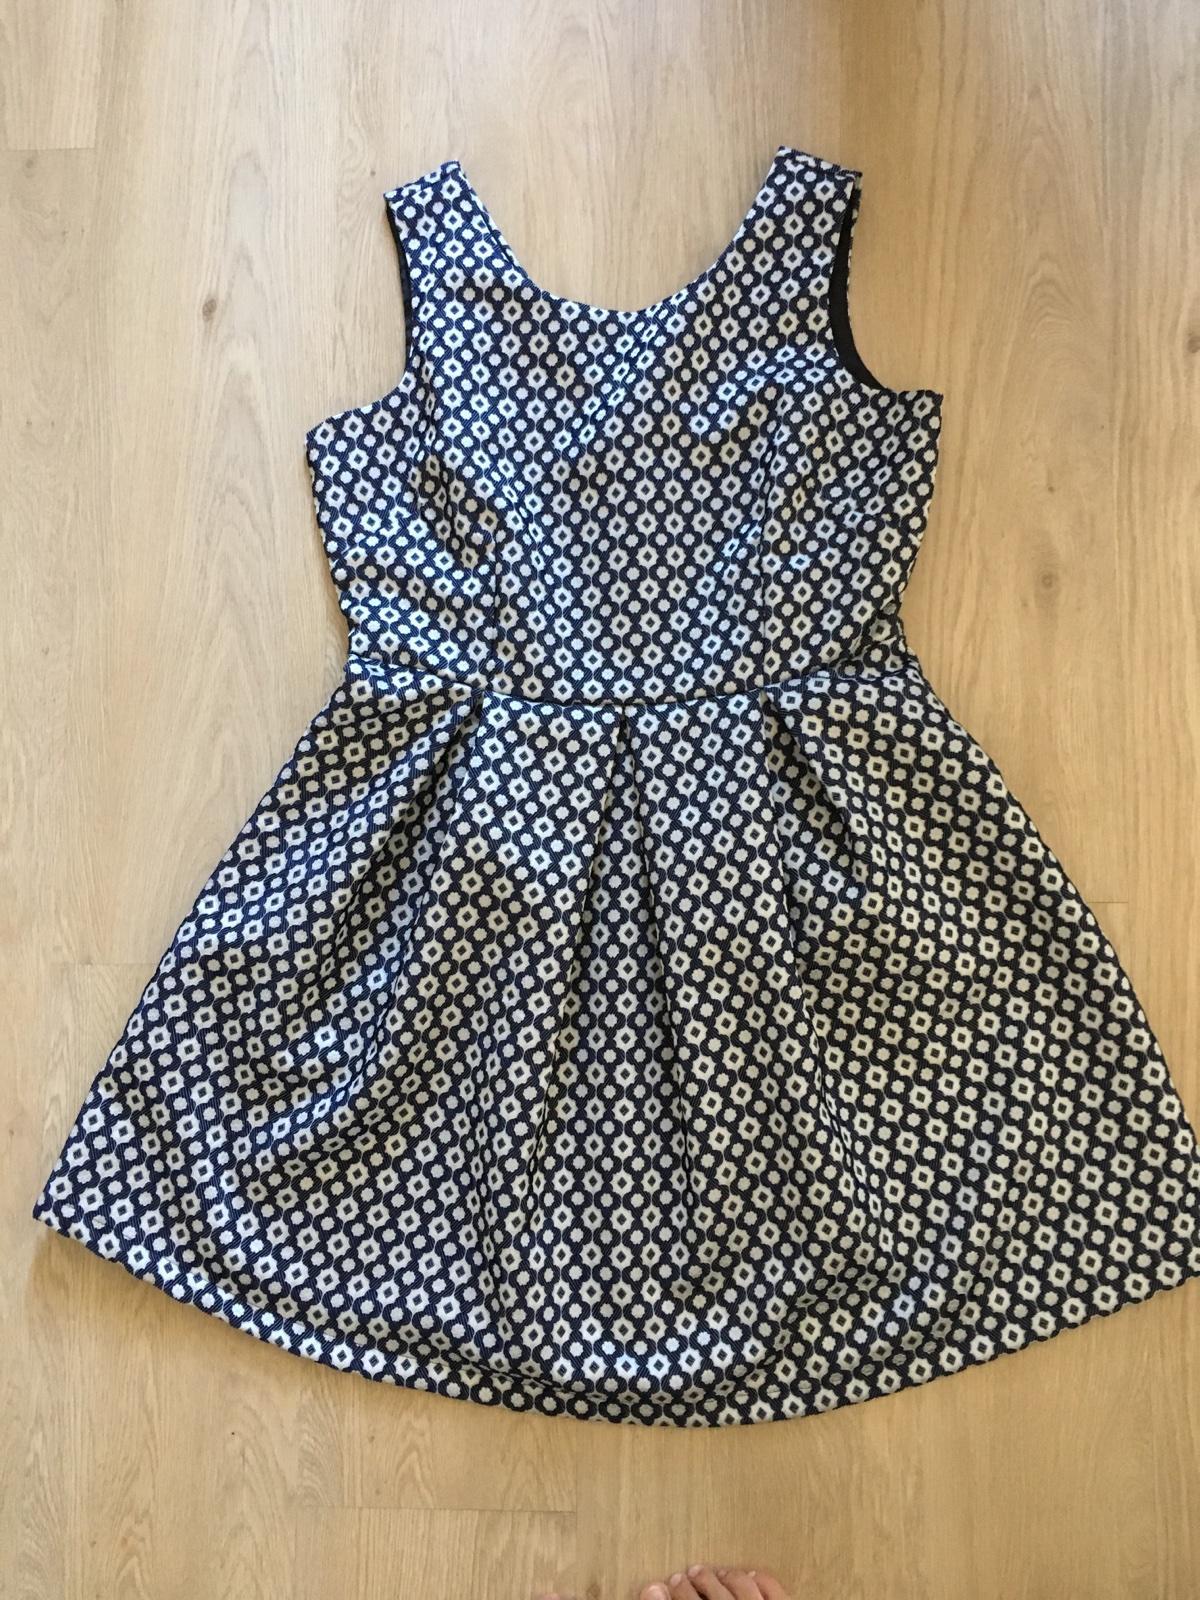 Vzorované šaty - Obrázok č. 1